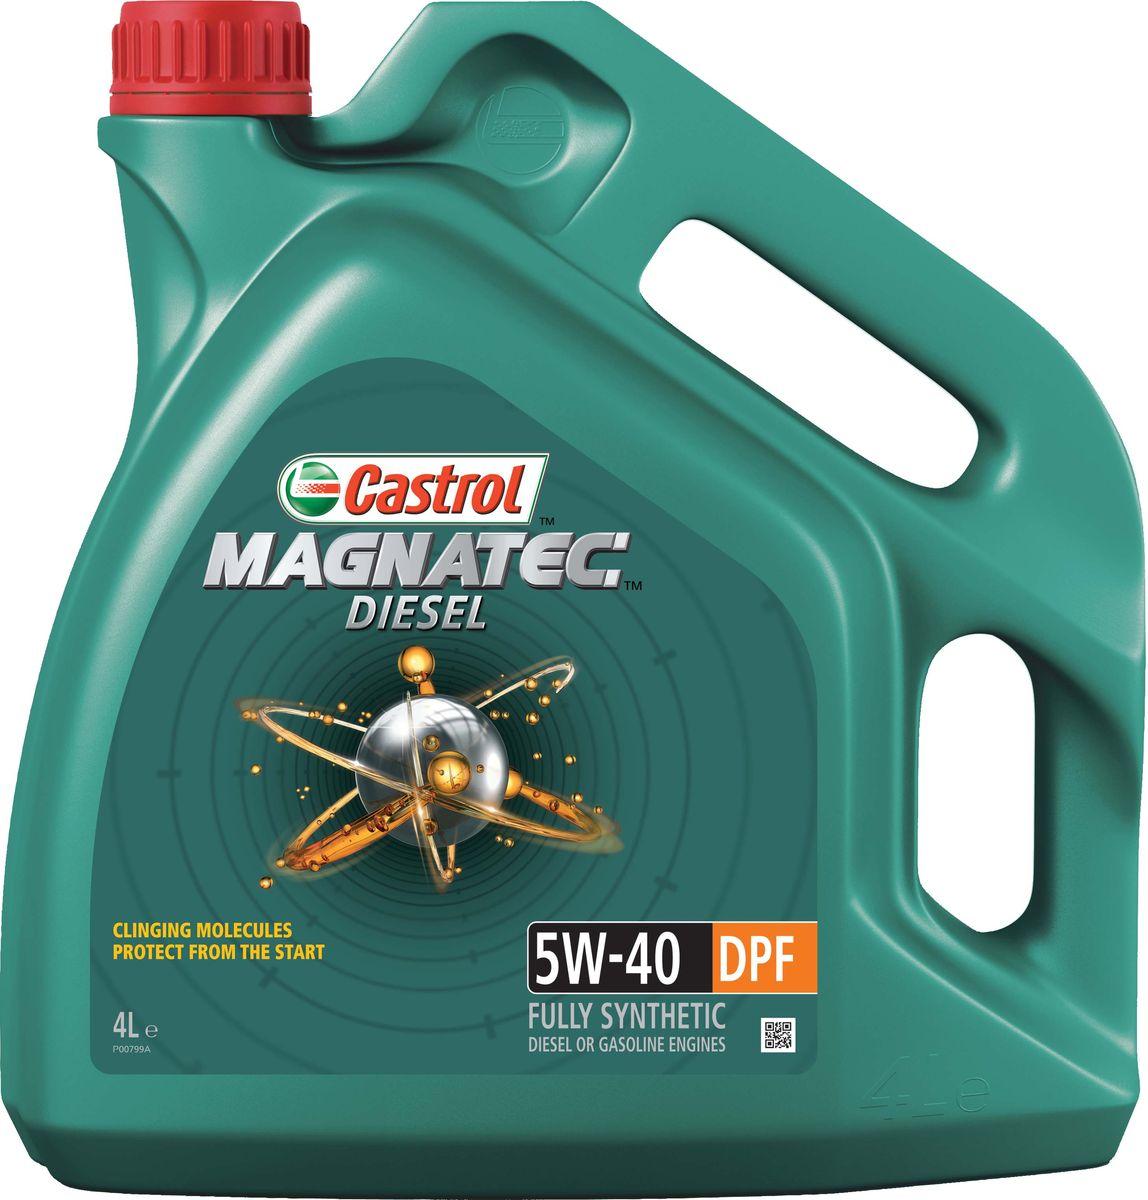 Масло моторное Castrol Magnatec Diesel, синтетическое, класс вязкости 5W-40, DPF, 4 л156EDDДо 75% износа двигателя происходит во время его пуска и прогрева. Когда двигатель выключен, обычное масло стекает в поддон картера, оставляя важнейшие детали двигателя незащищенными. Молекулы Castrol Magnatec Diesel подобно магниту притягиваются к деталям двигателя и образуют сверхпрочную масляную пленку, обеспечивающую дополнительную защиту двигателя в период пуска, когда риск возникновения износа существенно возрастает.Моторное масло Castrol Magnatec Diesel предназначено для дизельных и бензиновых двигателей легковых автомобилей, где производитель рекомендует смазочные материалы, соответствующие классу вязкости SAE 5W-40 и спецификациям API SN/CF или ACEA C3, включая автомобили оснащенные сажевым фильтром (DPF).Castrol Magnatec Diesel защищает двигатель всегда:- специальная технология производства дизельных масел поддерживает эффективность работы двигателя с системой подачи топлива common rail и быстроту реагирования на нажатие педали акселератора;- эффективно удерживает сажу, образующуюся в процессе работы двигателя, сводя к минимуму загустевание масла.Castrol Magnatec Diesel может использоваться в двигателях с промежуточным охлаждением наддувочного воздуха и турбонаддувом, TDI, DI и CRDI.Спецификации.ACEA C3,API SN/CF,BMW Longlife-04,Meets Fiat 9.55535-S2,Meets Ford WSS-M2C917-A,MB-Approval 229.31,Volkswagen 502 00/ 505 00/ 505 01.Товар сертифицирован.